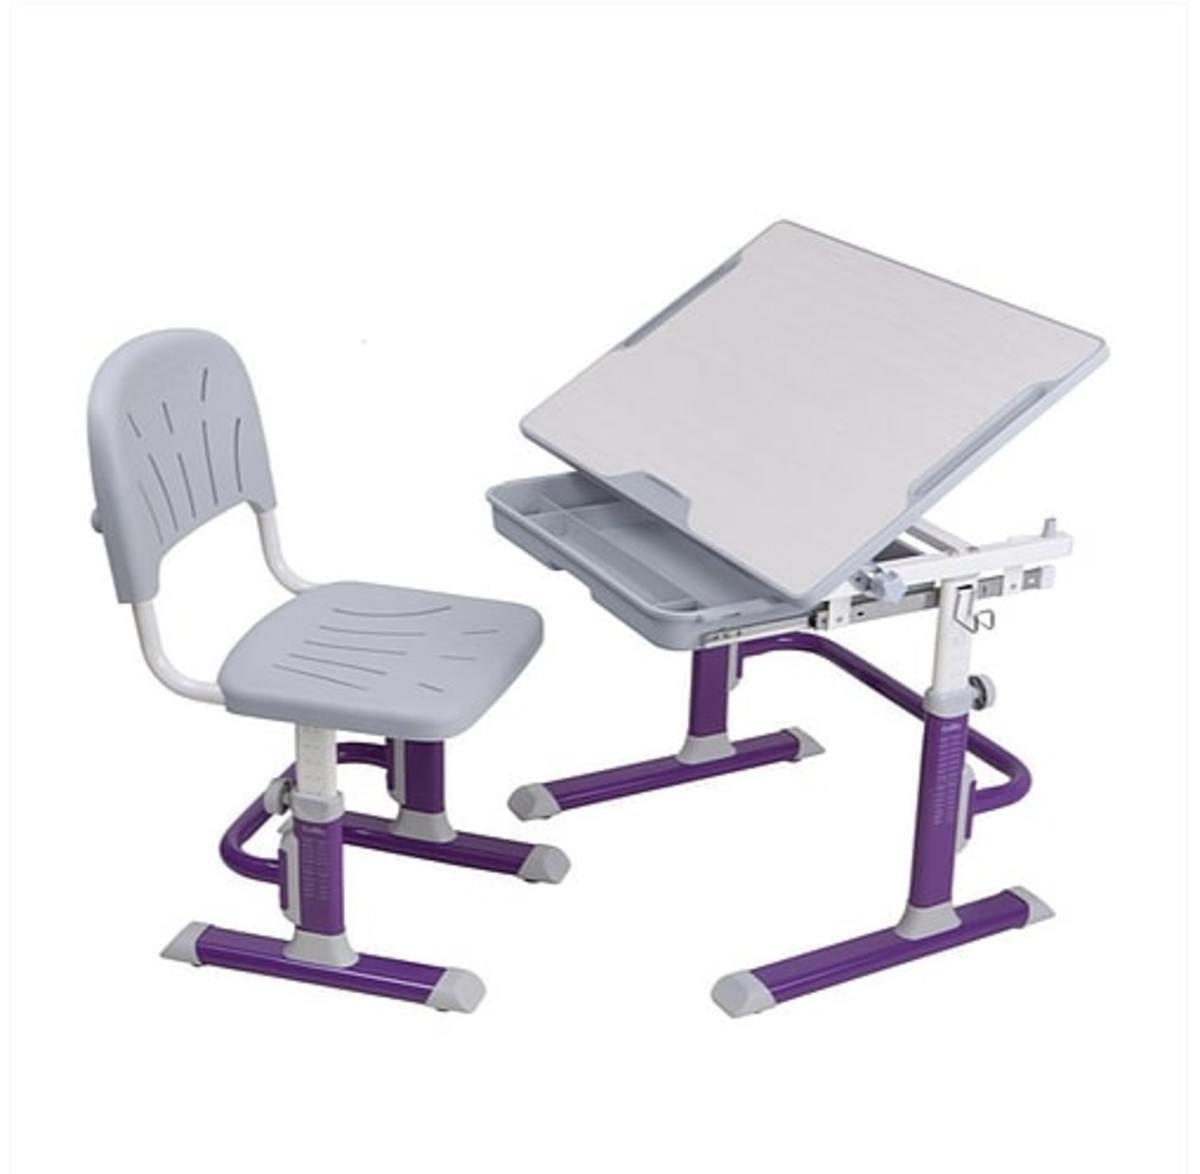 Detský písací stôl + stoličky Cubby Lupin - fialový